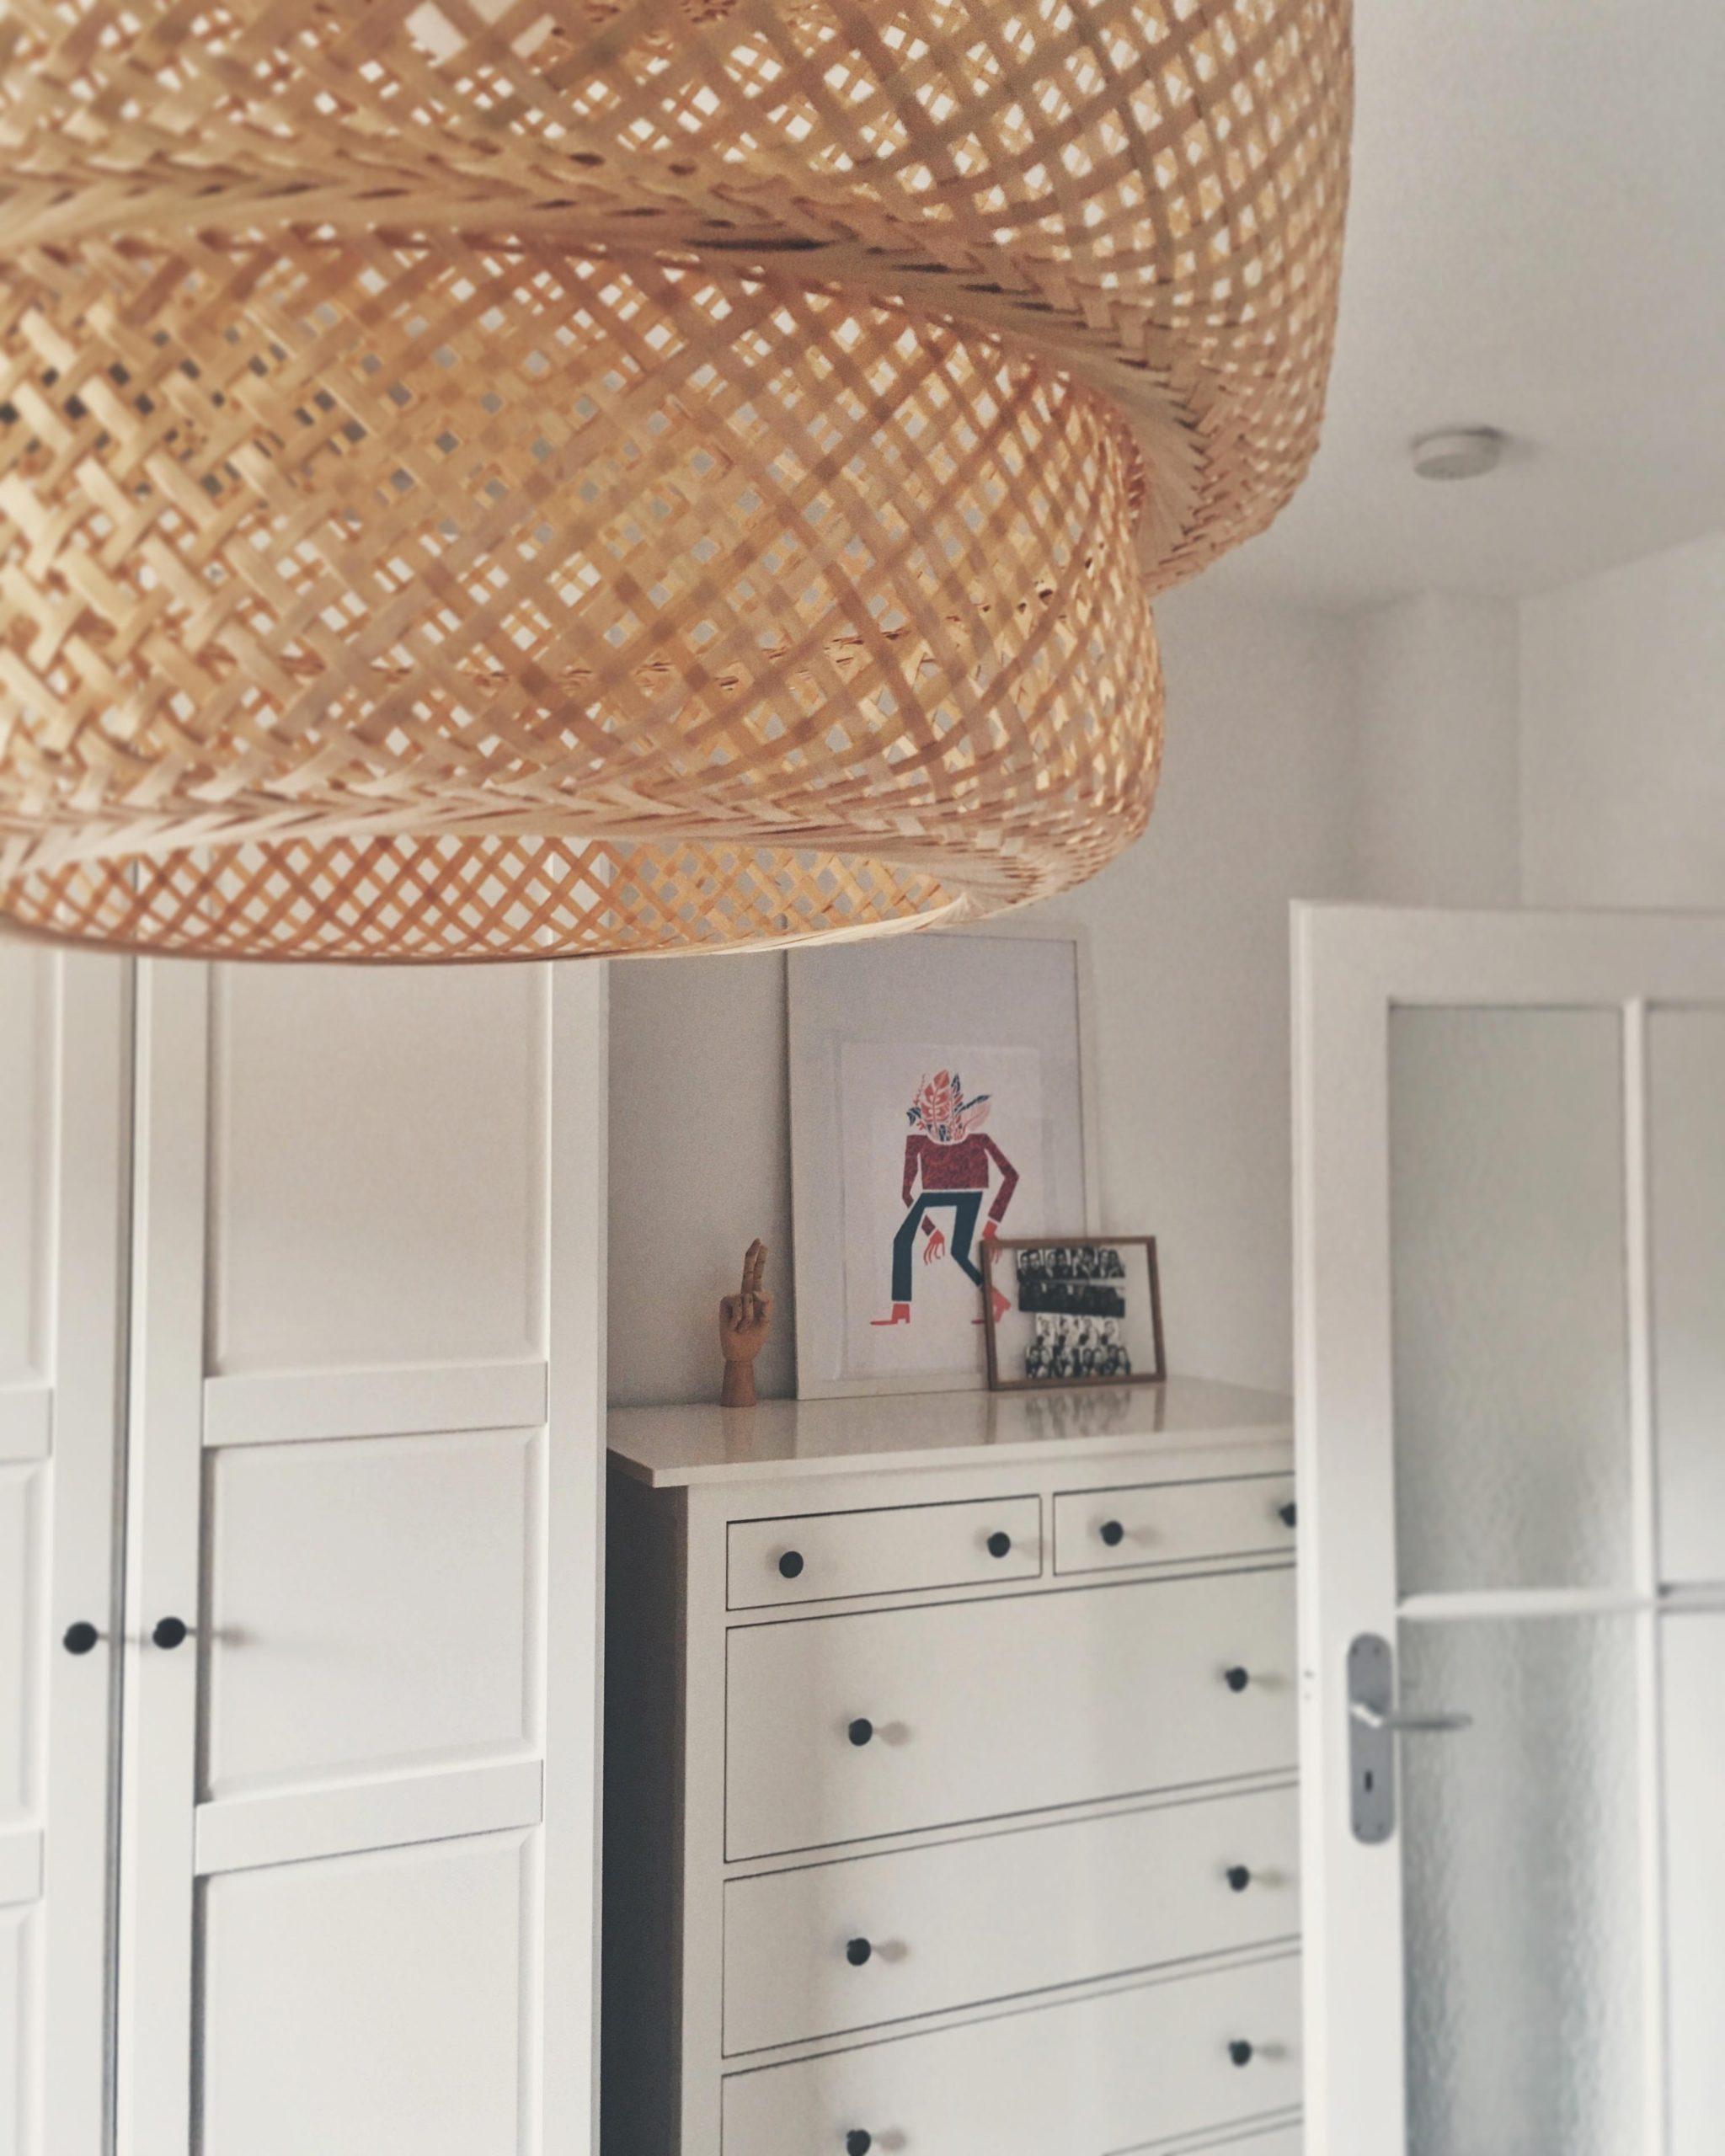 Full Size of Schlafzimmer Deckenlampe Groe Und Kleine Galerieecke Im Schlafzi Gardinen Mit überbau Lampe Deckenleuchte Klimagerät Für Kommode Weiß Tapeten Set Schlafzimmer Schlafzimmer Deckenlampe